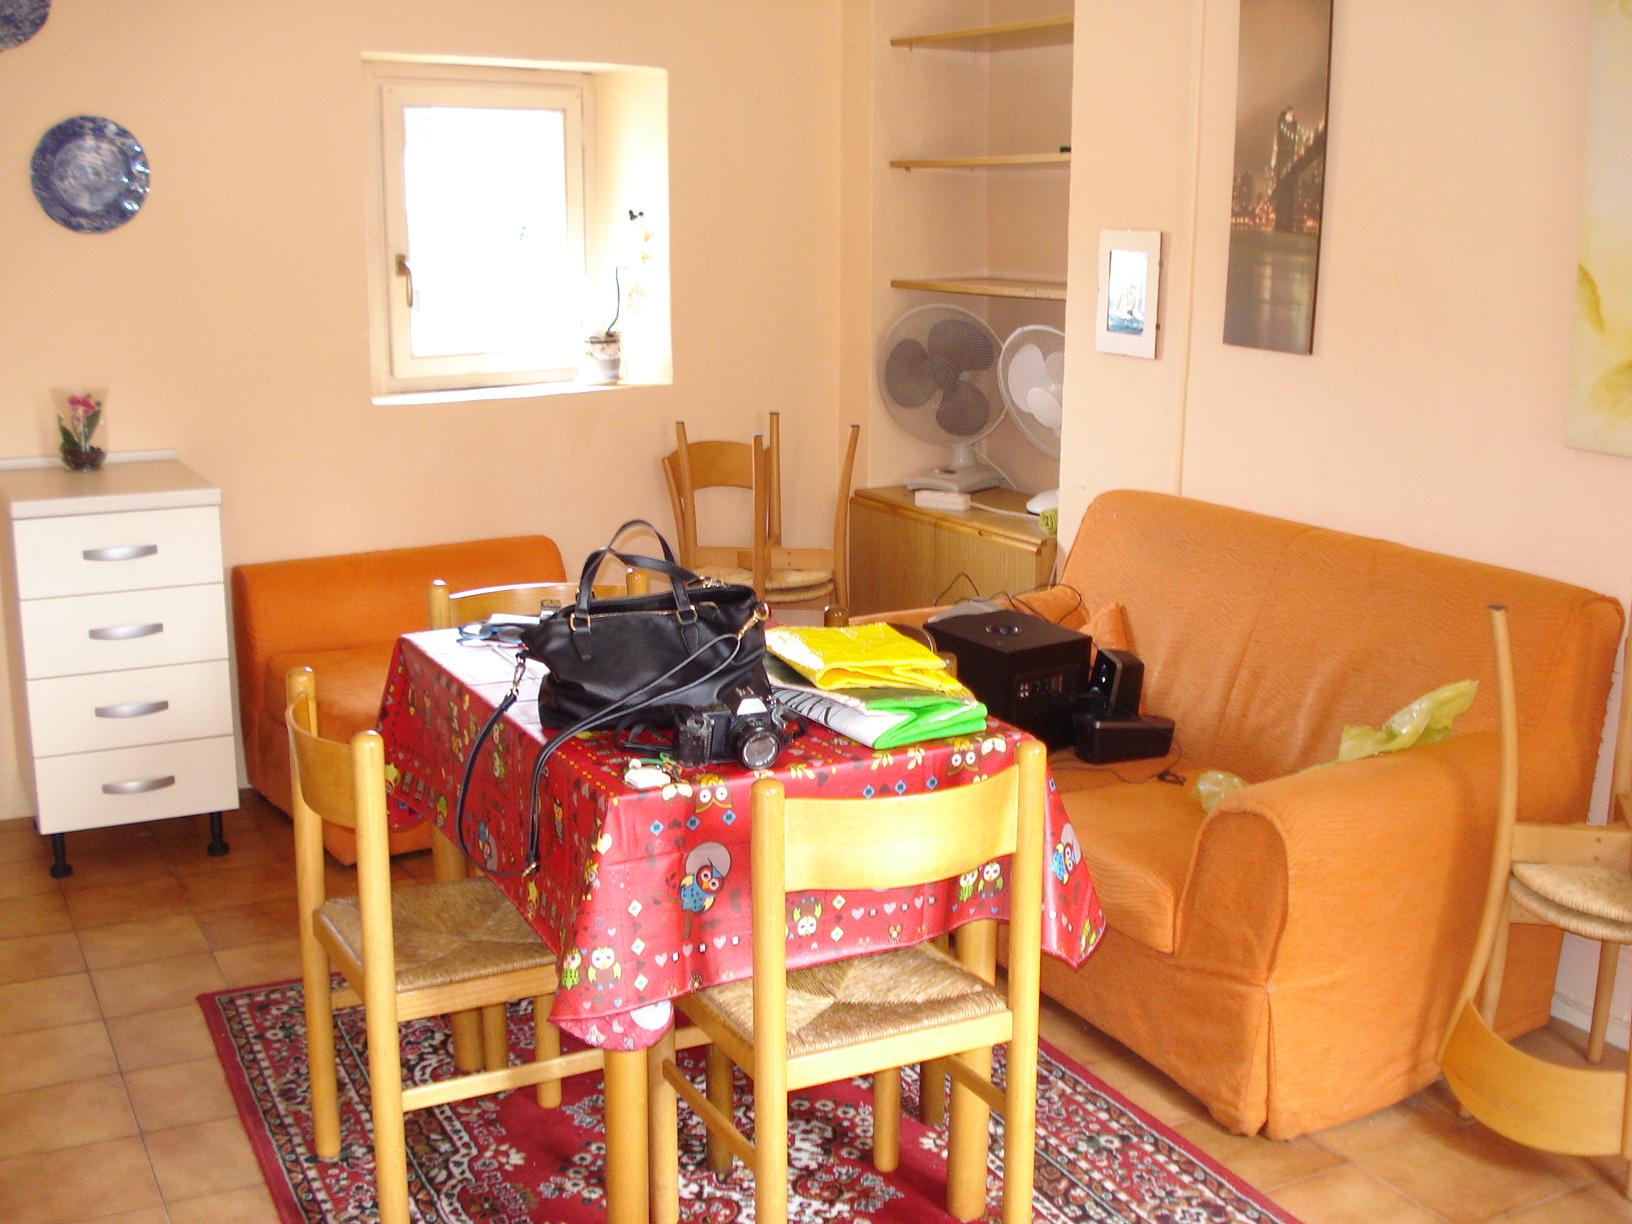 Appartamento in affitto a Biella, 2 locali, zona Zona: Centro, prezzo € 330   Cambio Casa.it